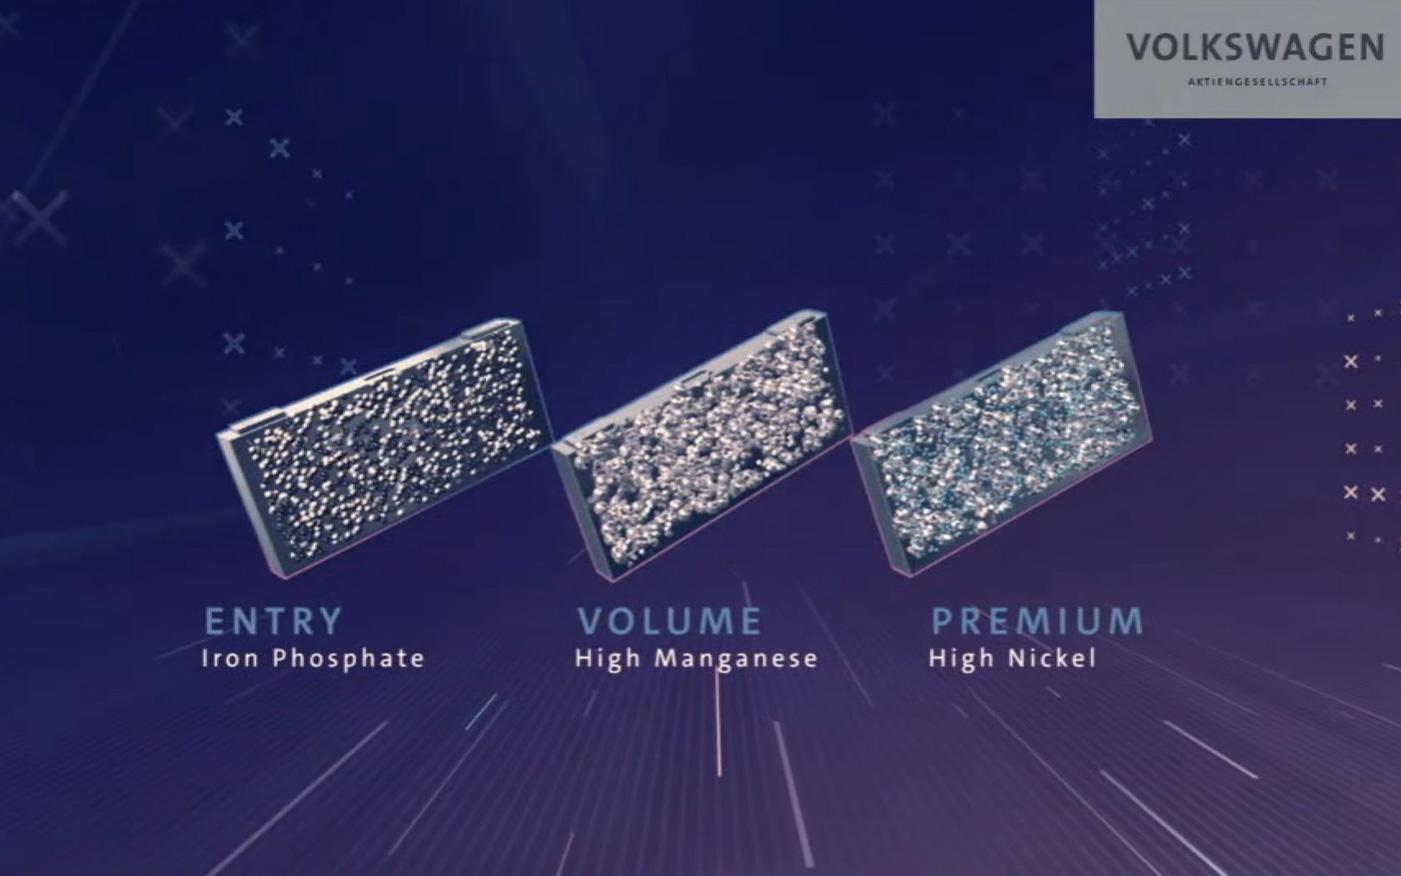 フォルクスワーゲンのバッテリーは共通セルが基本戦略。そのセルに化合する化合物をエントリー向け、ボリューム向け、プレミアム向けで切り替えていく